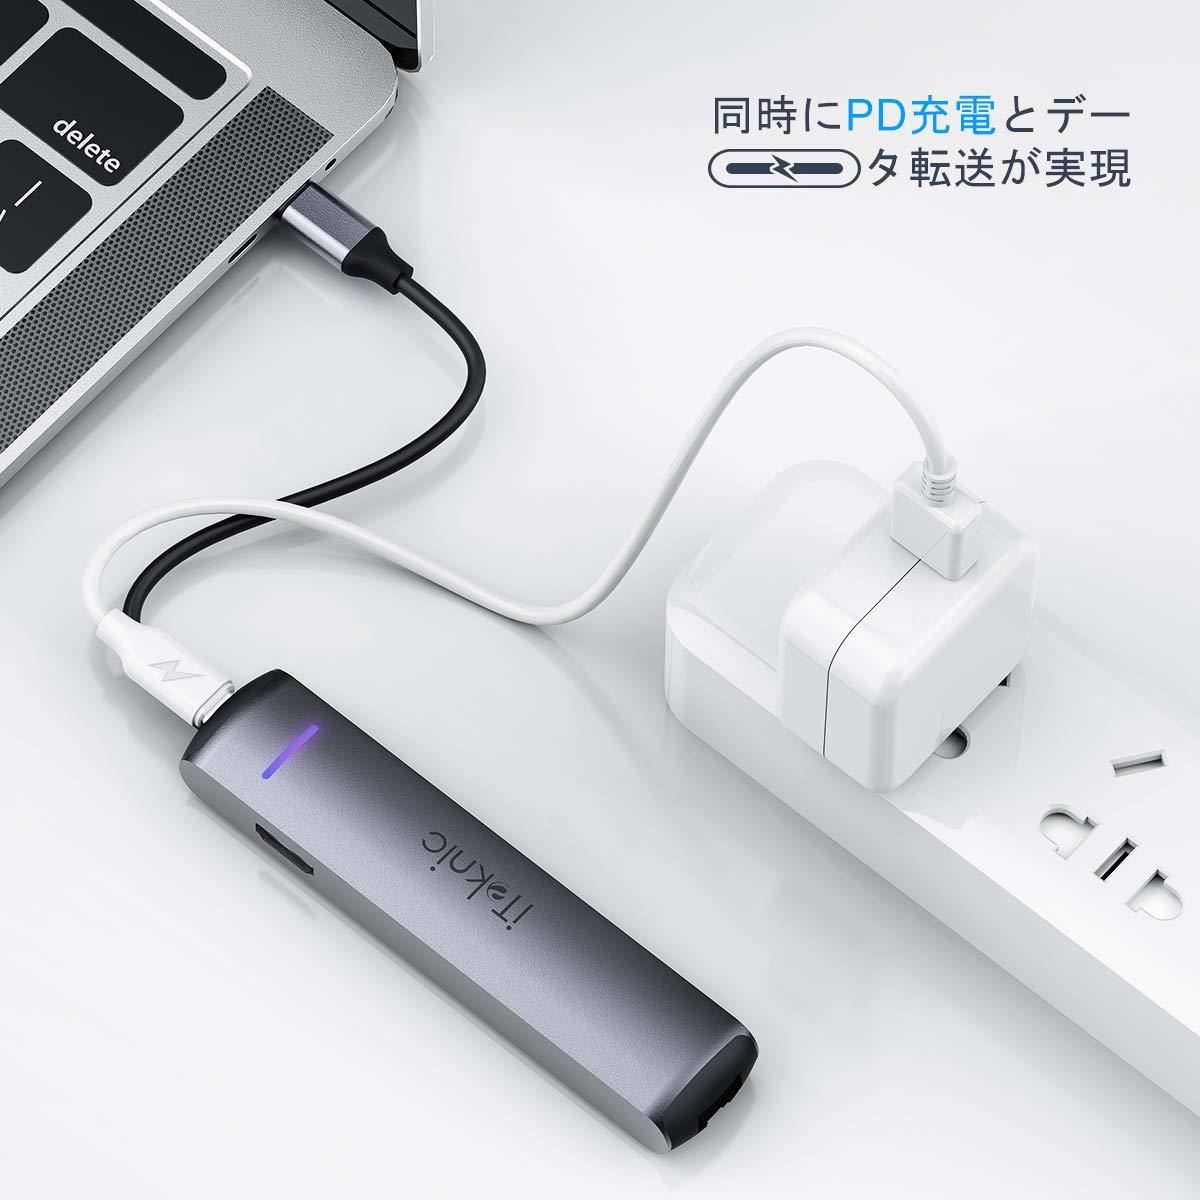 USB C ハブ Type C ハブ iTeknic USB ハブ USB 3.0ポート*3 PD充電 HDMI 4Kビデオ LANポート USBハブ 6ポート 高速データ転送 アルミニウム_画像4